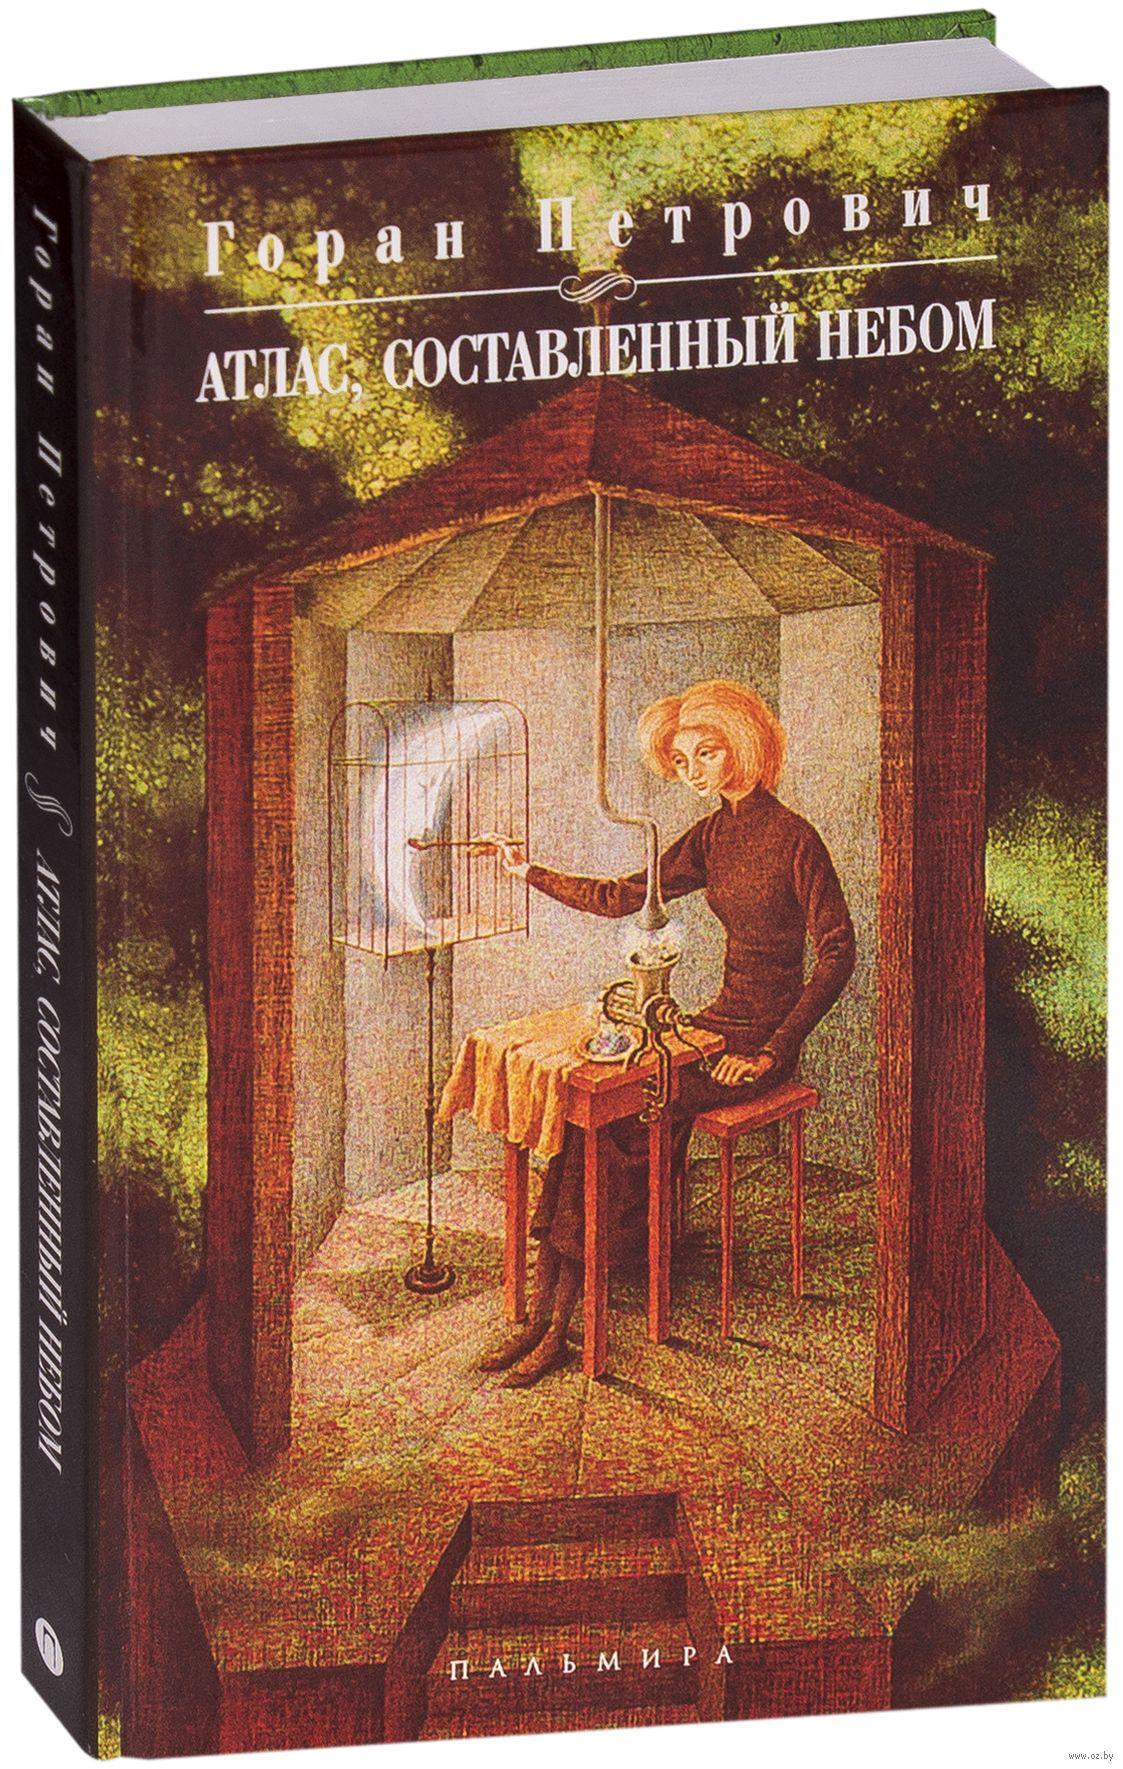 ГОРАН ПЕТРОВИЧ АТЛАС СОСТАВЛЕННЫЙ НЕБОМ СКАЧАТЬ БЕСПЛАТНО